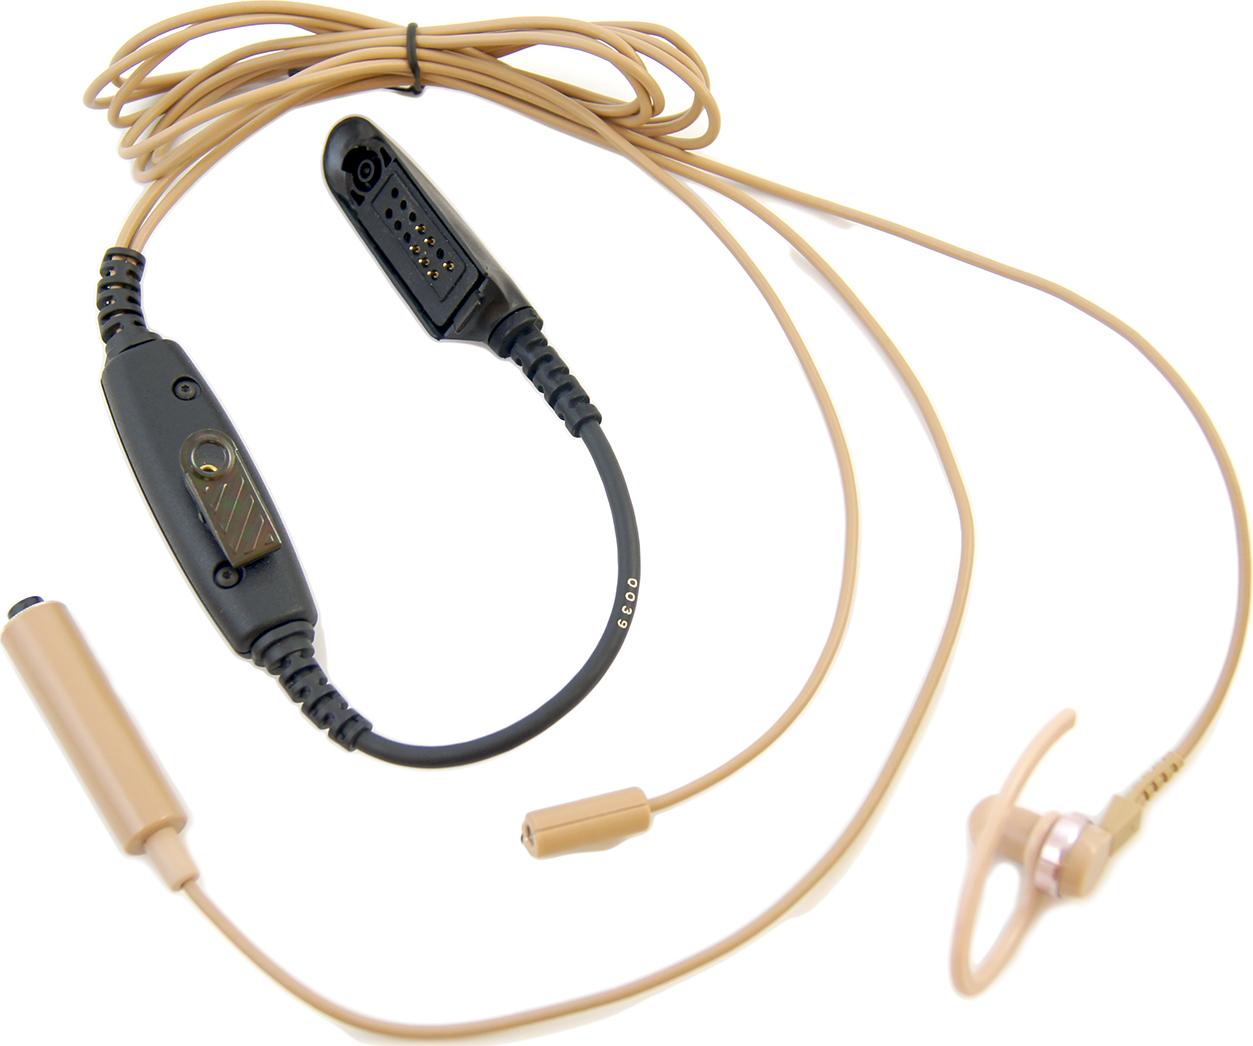 Motorola ENMN4017A - 3-delad handsfree med öronbygel  39a5bfb3938cd